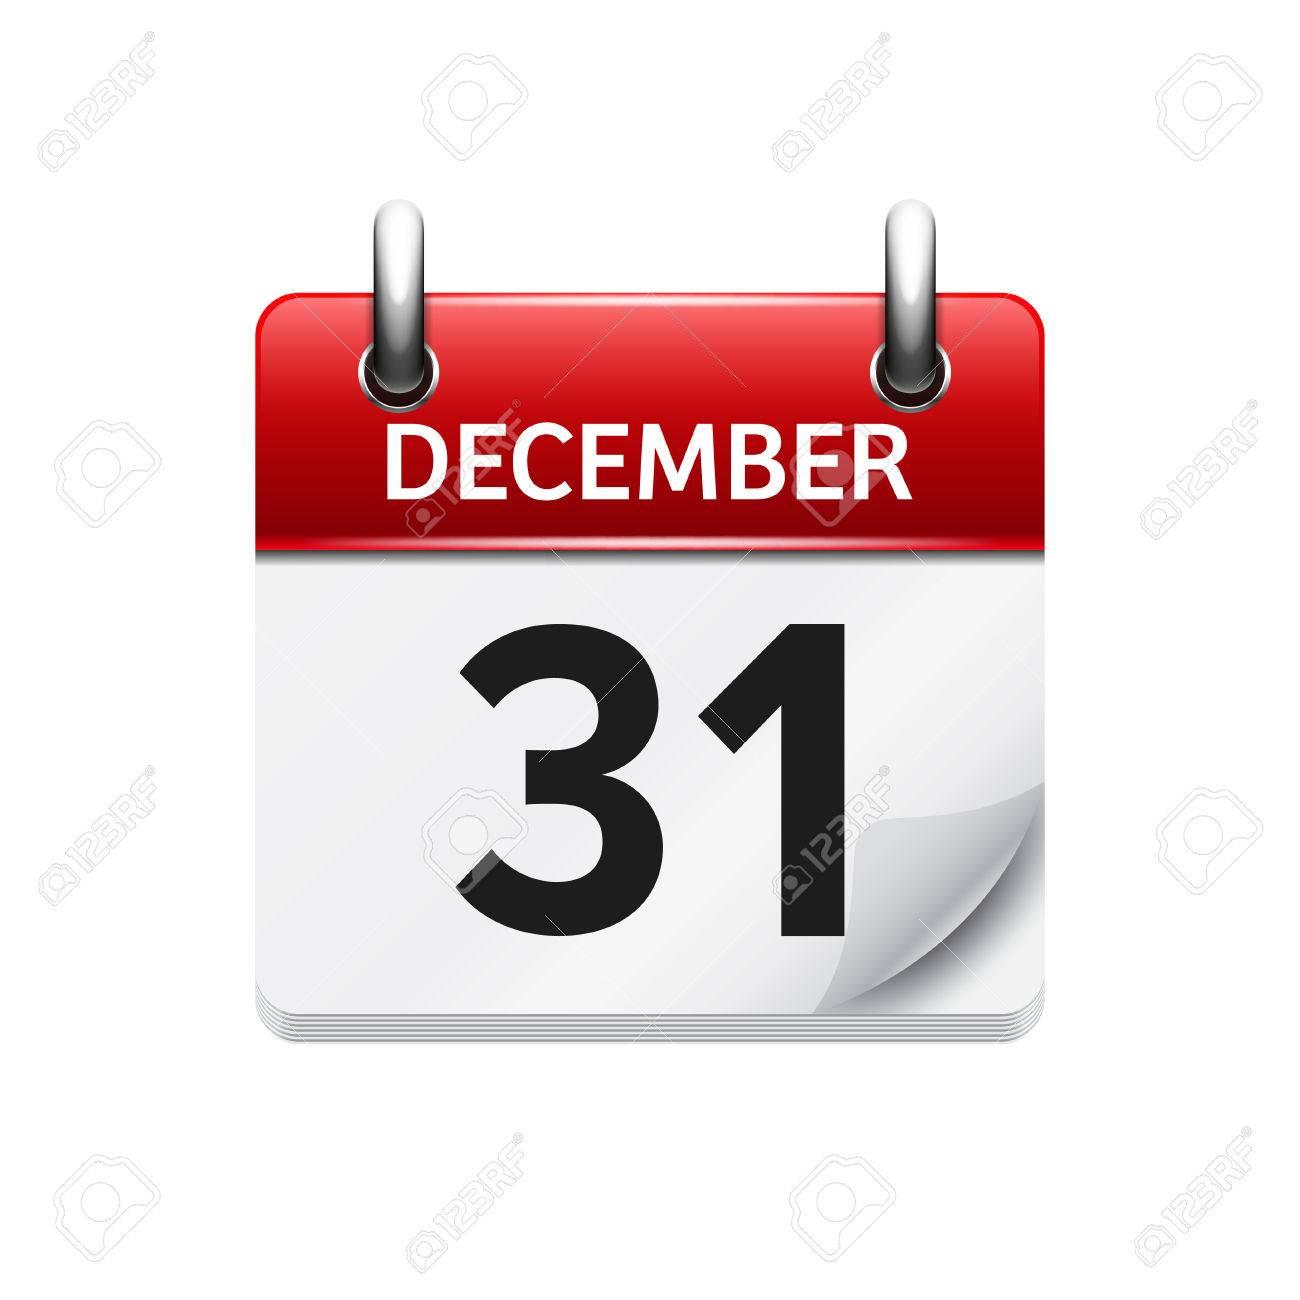 Calendario Diario.31 De Diciembre De Vectores Plana Icono De Calendario Diario Fecha Y Hora Dia Mes Fiesta